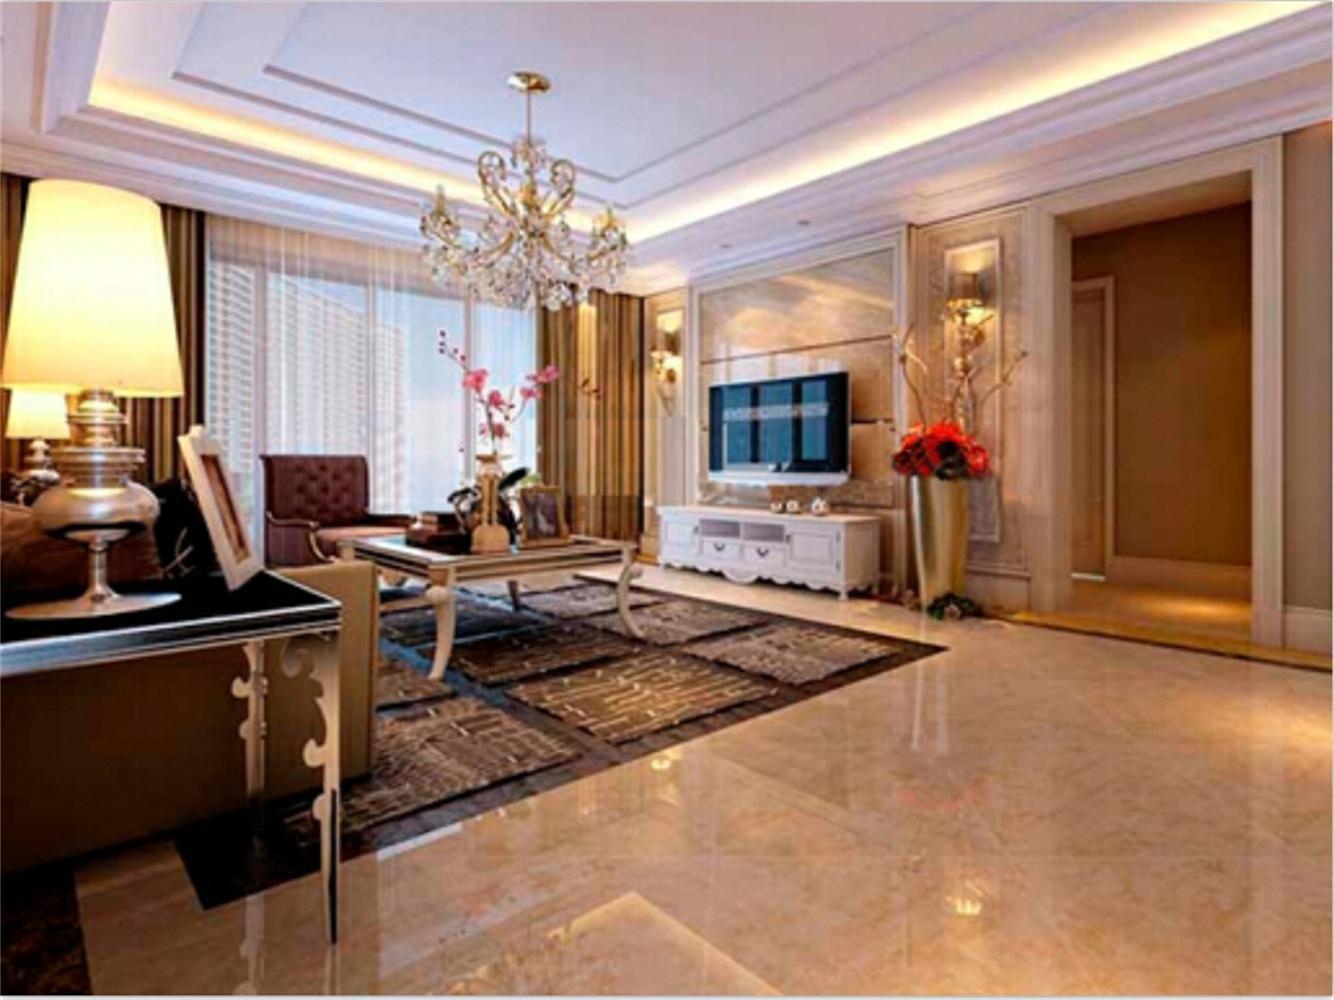 家具的选择偏于现代,脱离了欧式的大型与繁琐,衬得空间更加舒适与休闲。布艺的选择形式和色彩都与整体效果和谐统一。同时也象征了女主人的内敛也柔美。